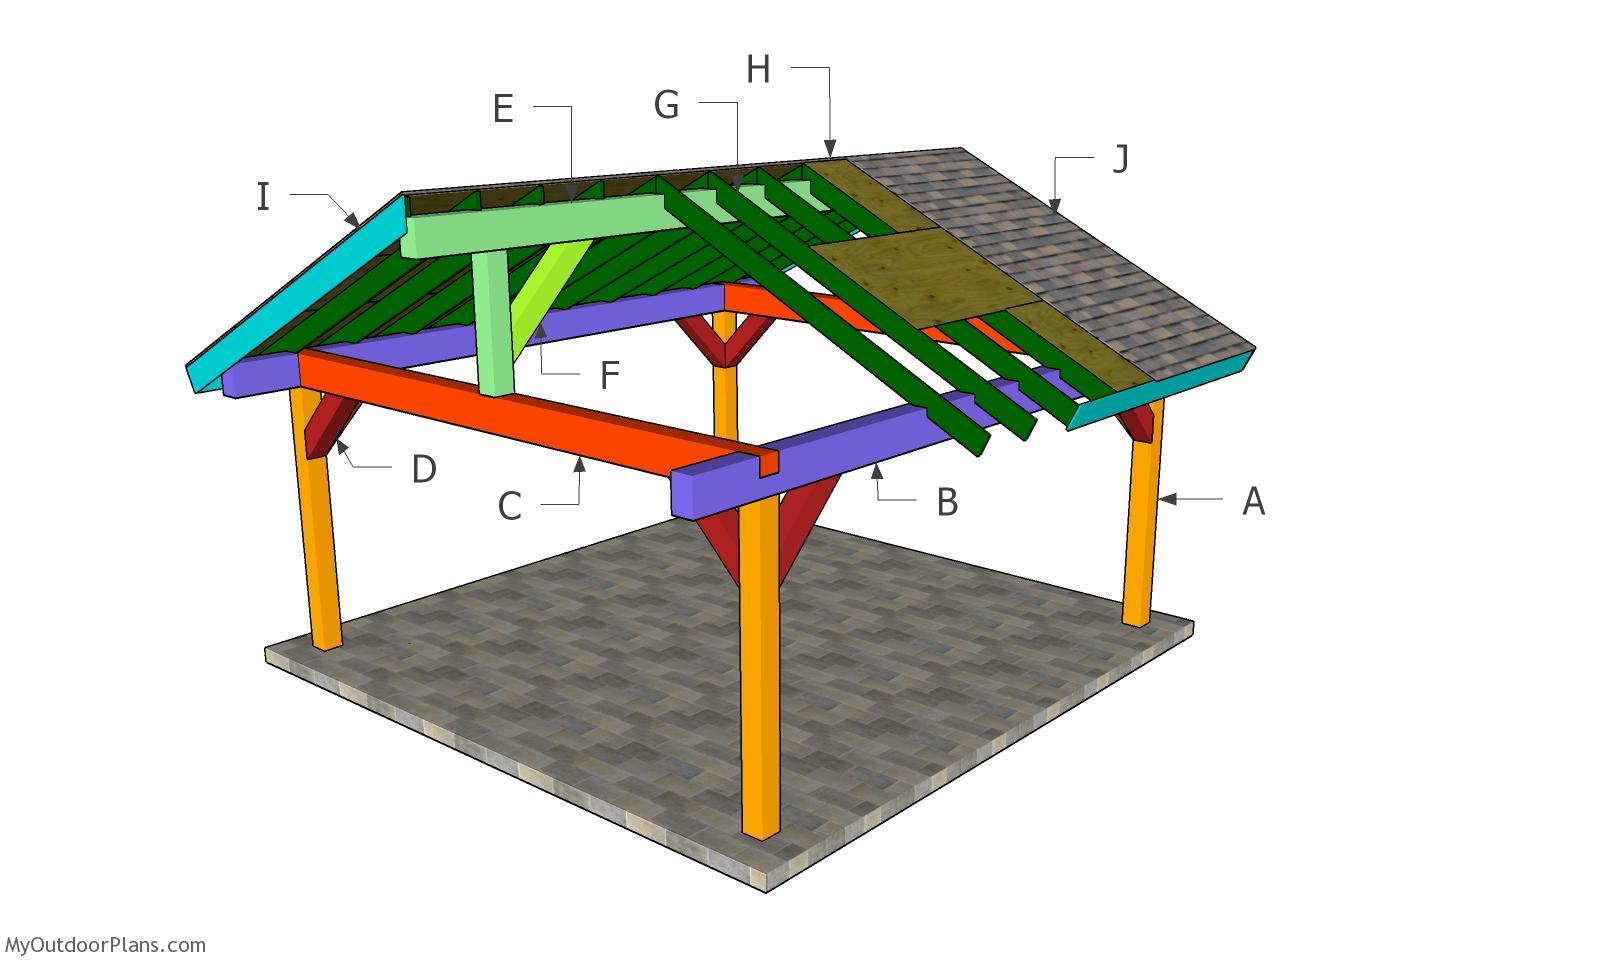 18x18 Gable Pavilion Roof Plans